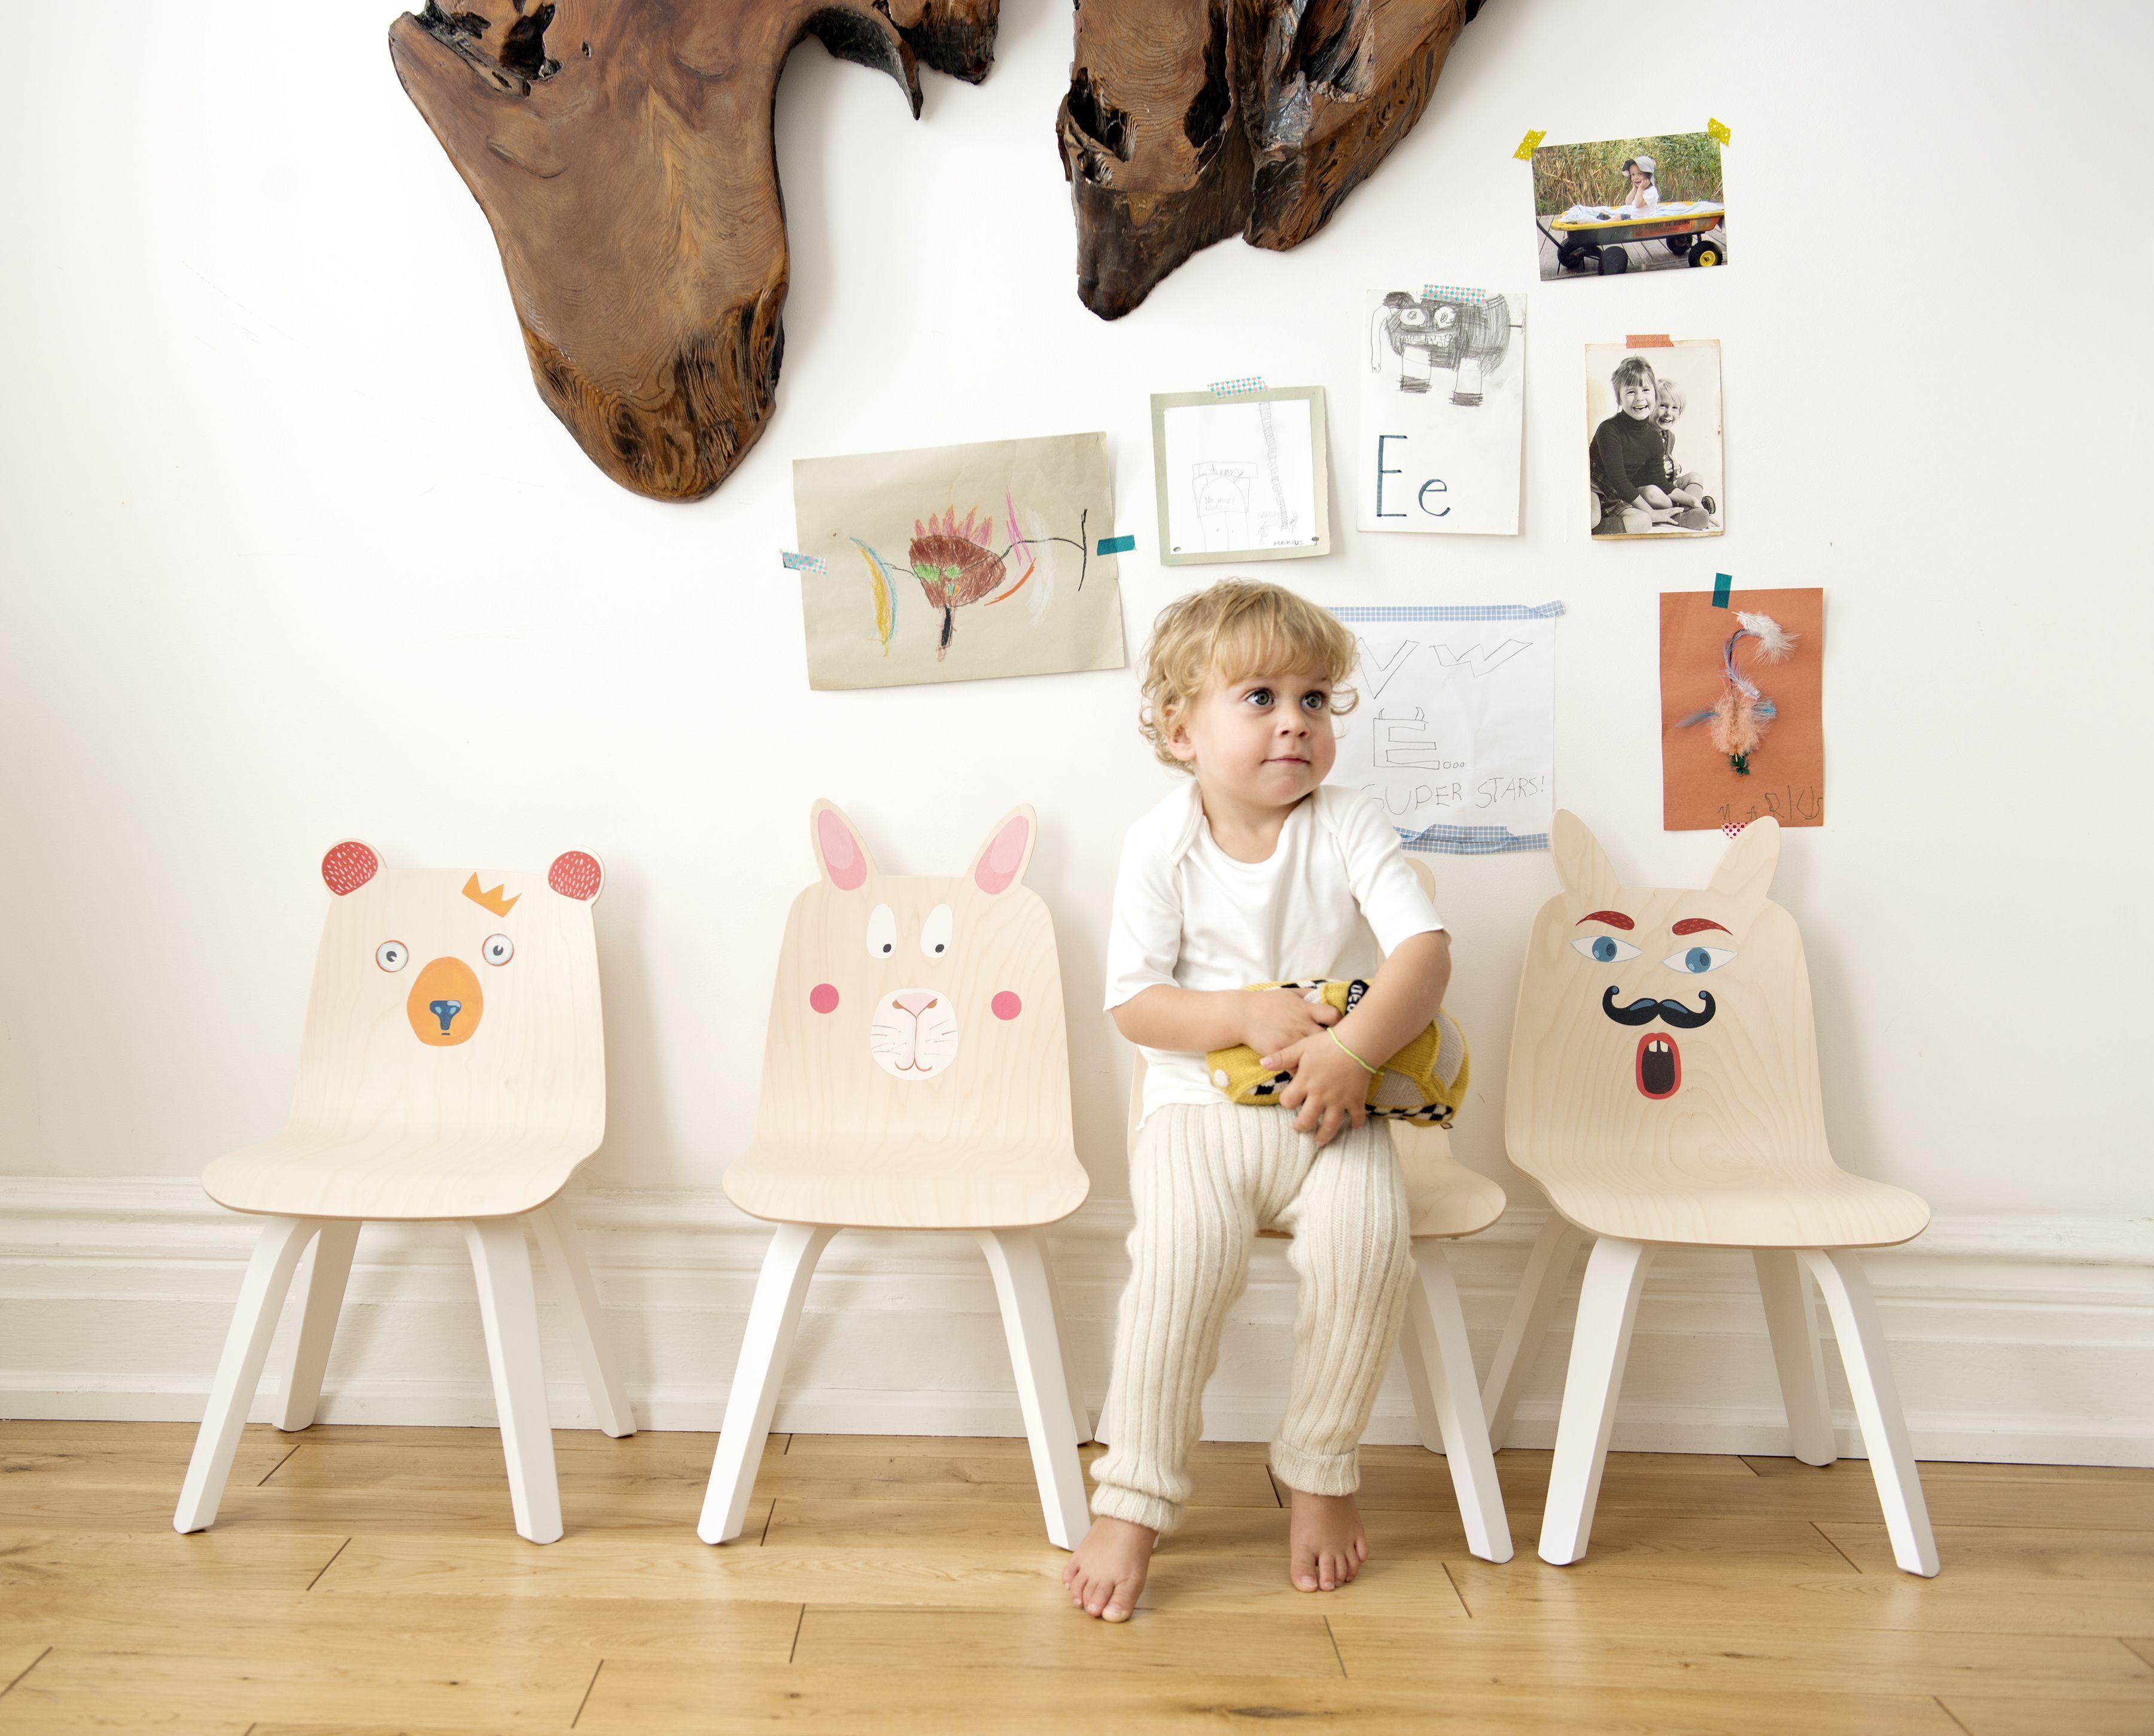 Gute Laune fürs Kinderzimmer – Mit entzückenden Stickern aus Stoff können die Stühle ganz individuell gestaltet werden. Auge, Mund und andere lustige Accessoires sind schnell aufgeklebt und auch genau so schnell wieder abgezogen. Die Sticker sind mehrfach verwendbar und haften fast überall. Sensationell!